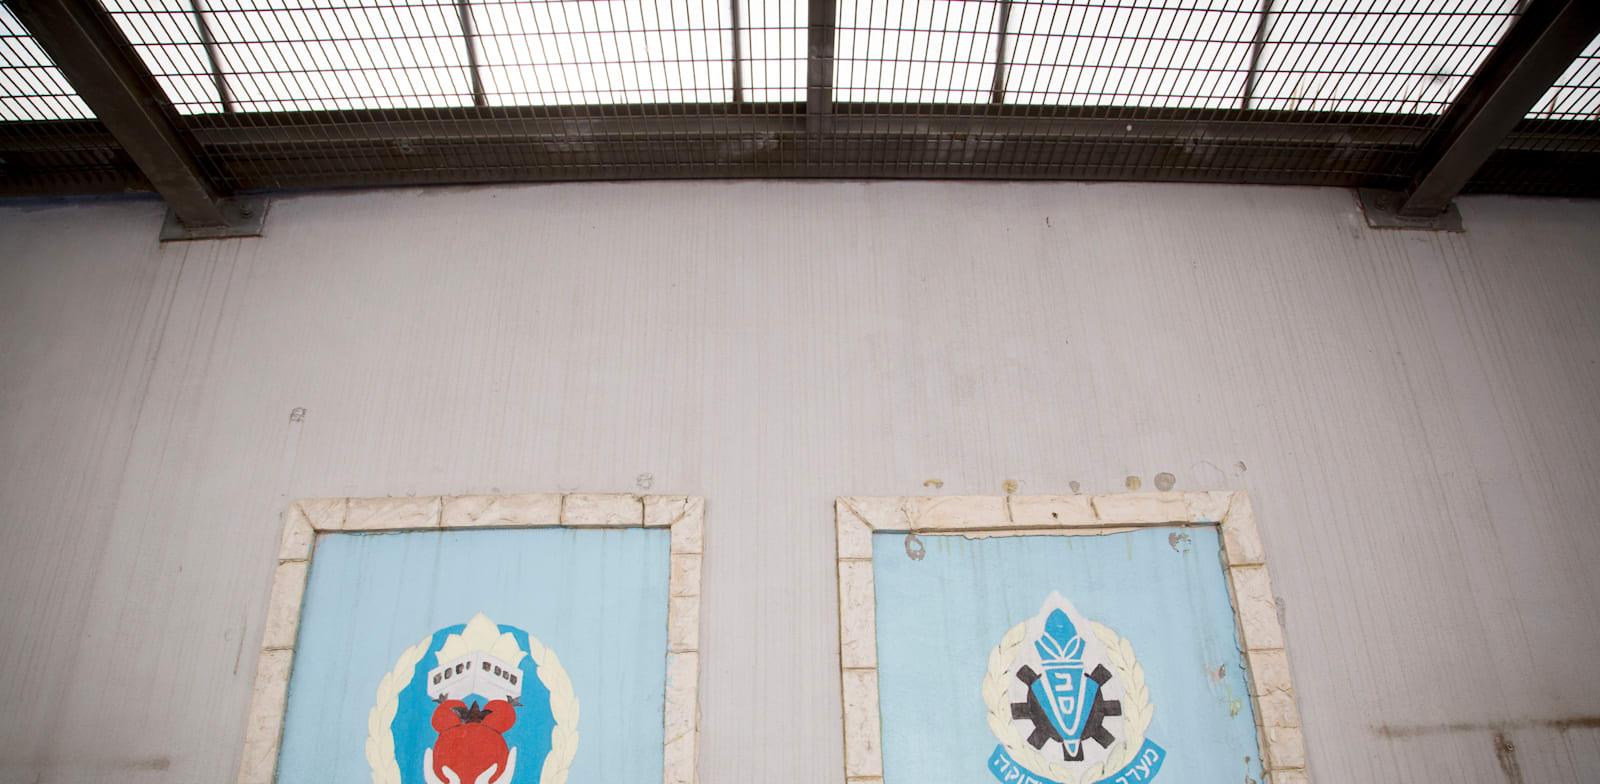 אבסורד הכליאה במשבר הקורונה – מספר המעצרים ירד, מספר הכלואים נותר זהה